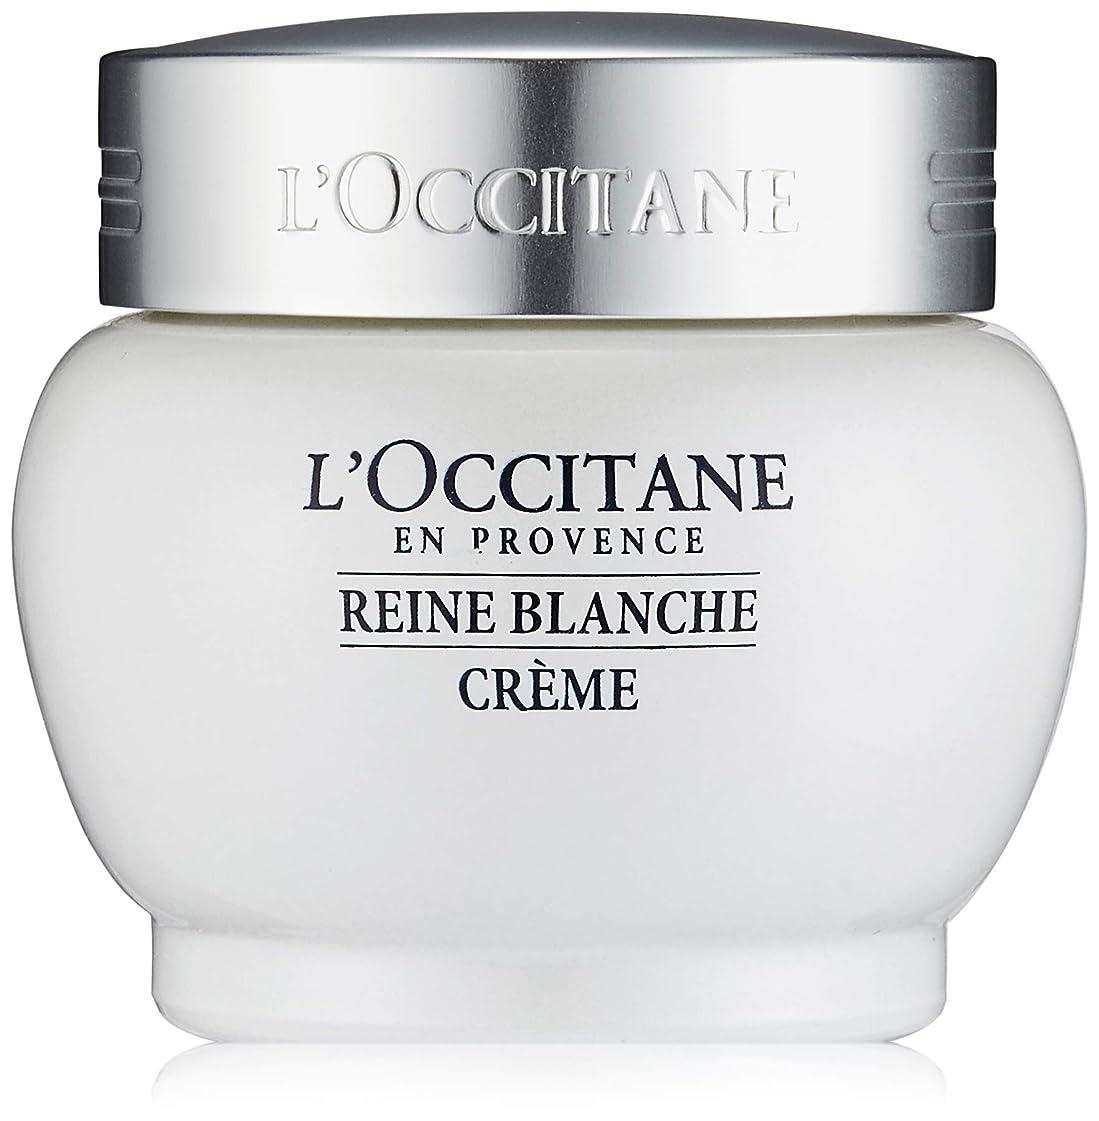 教授ディプロマ一定ロクシタン(L'OCCITANE) レーヌブランシュ ホワイトインフュージョンジェルクリーム 50ml